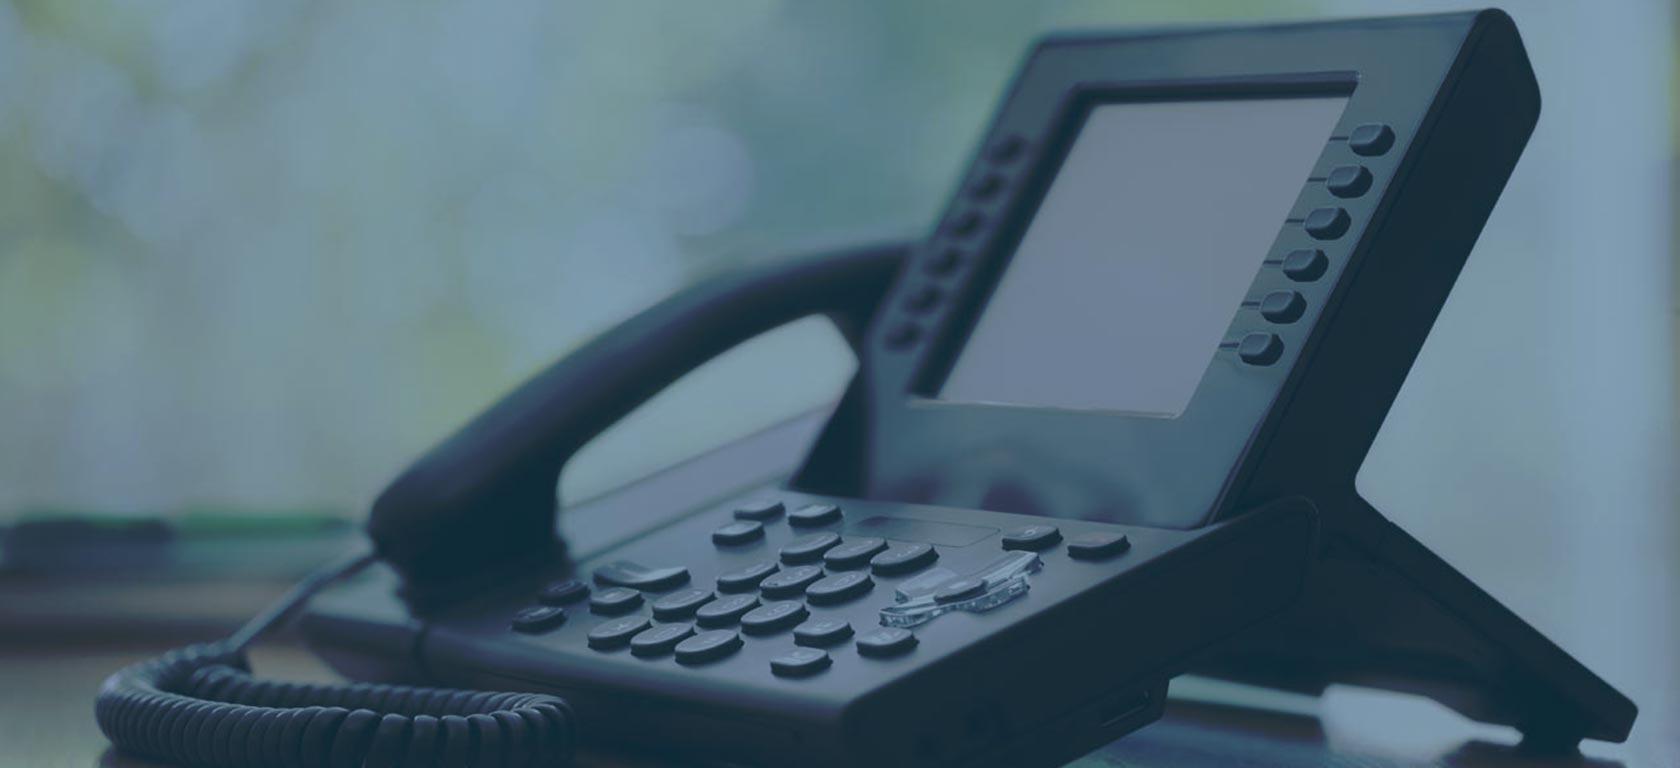 Comment louer un numéro d'appel surtaxé